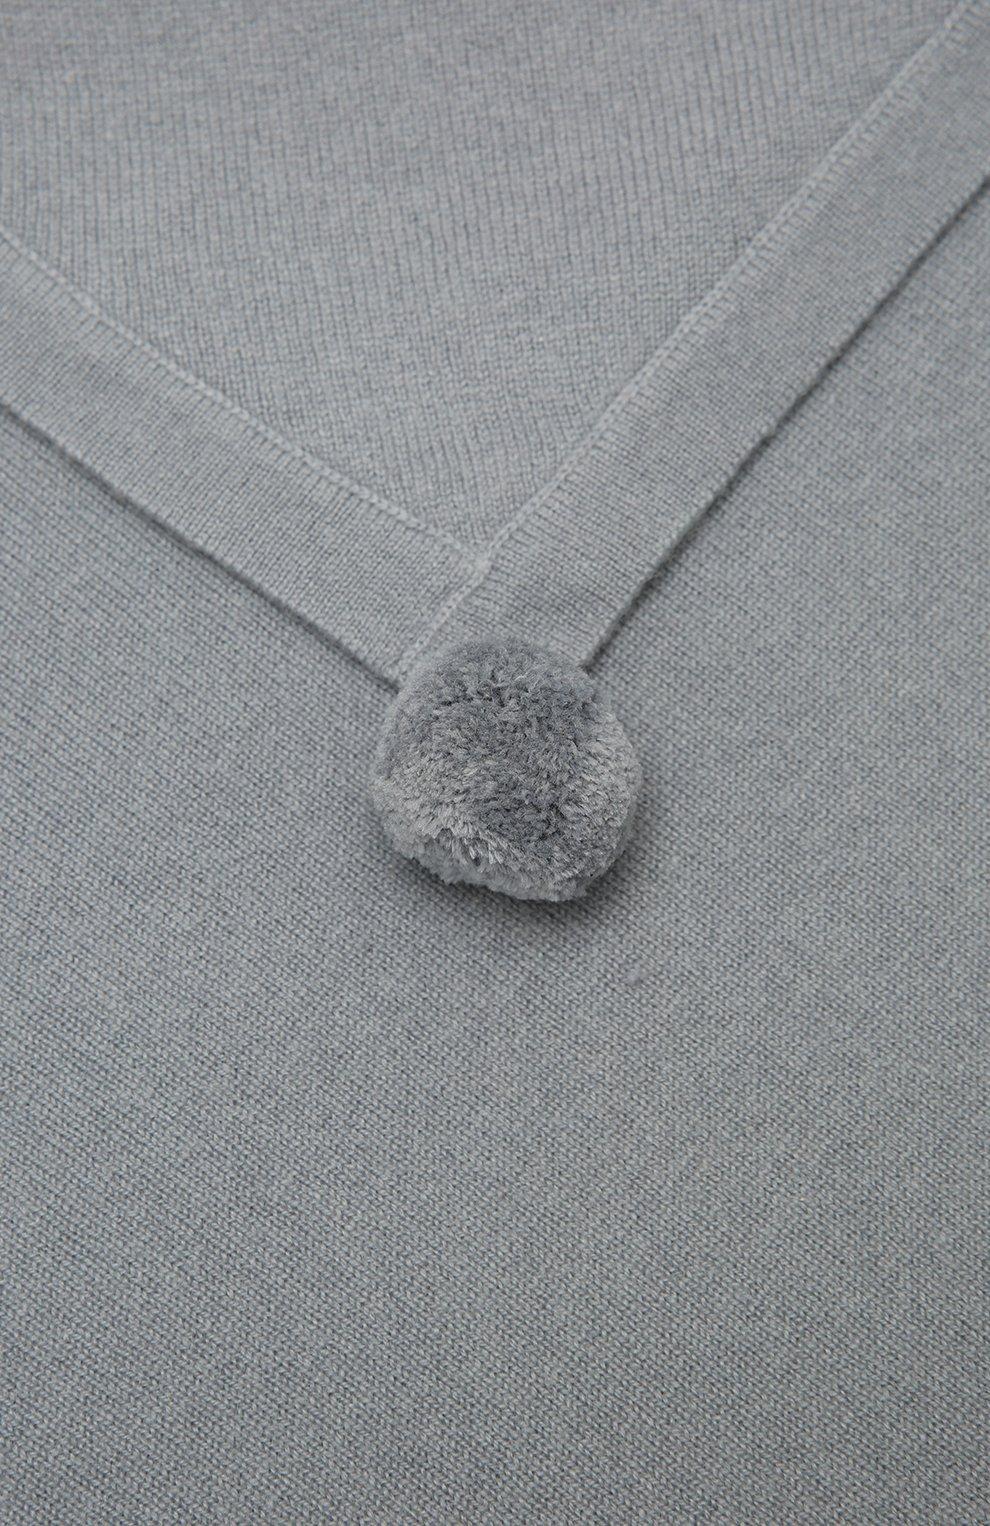 Детского кашемировый плед LES LUTINS PARIS серого цвета, арт. 21E080/CLEMENTINE   Фото 2 (Материал: Кашемир, Шерсть)